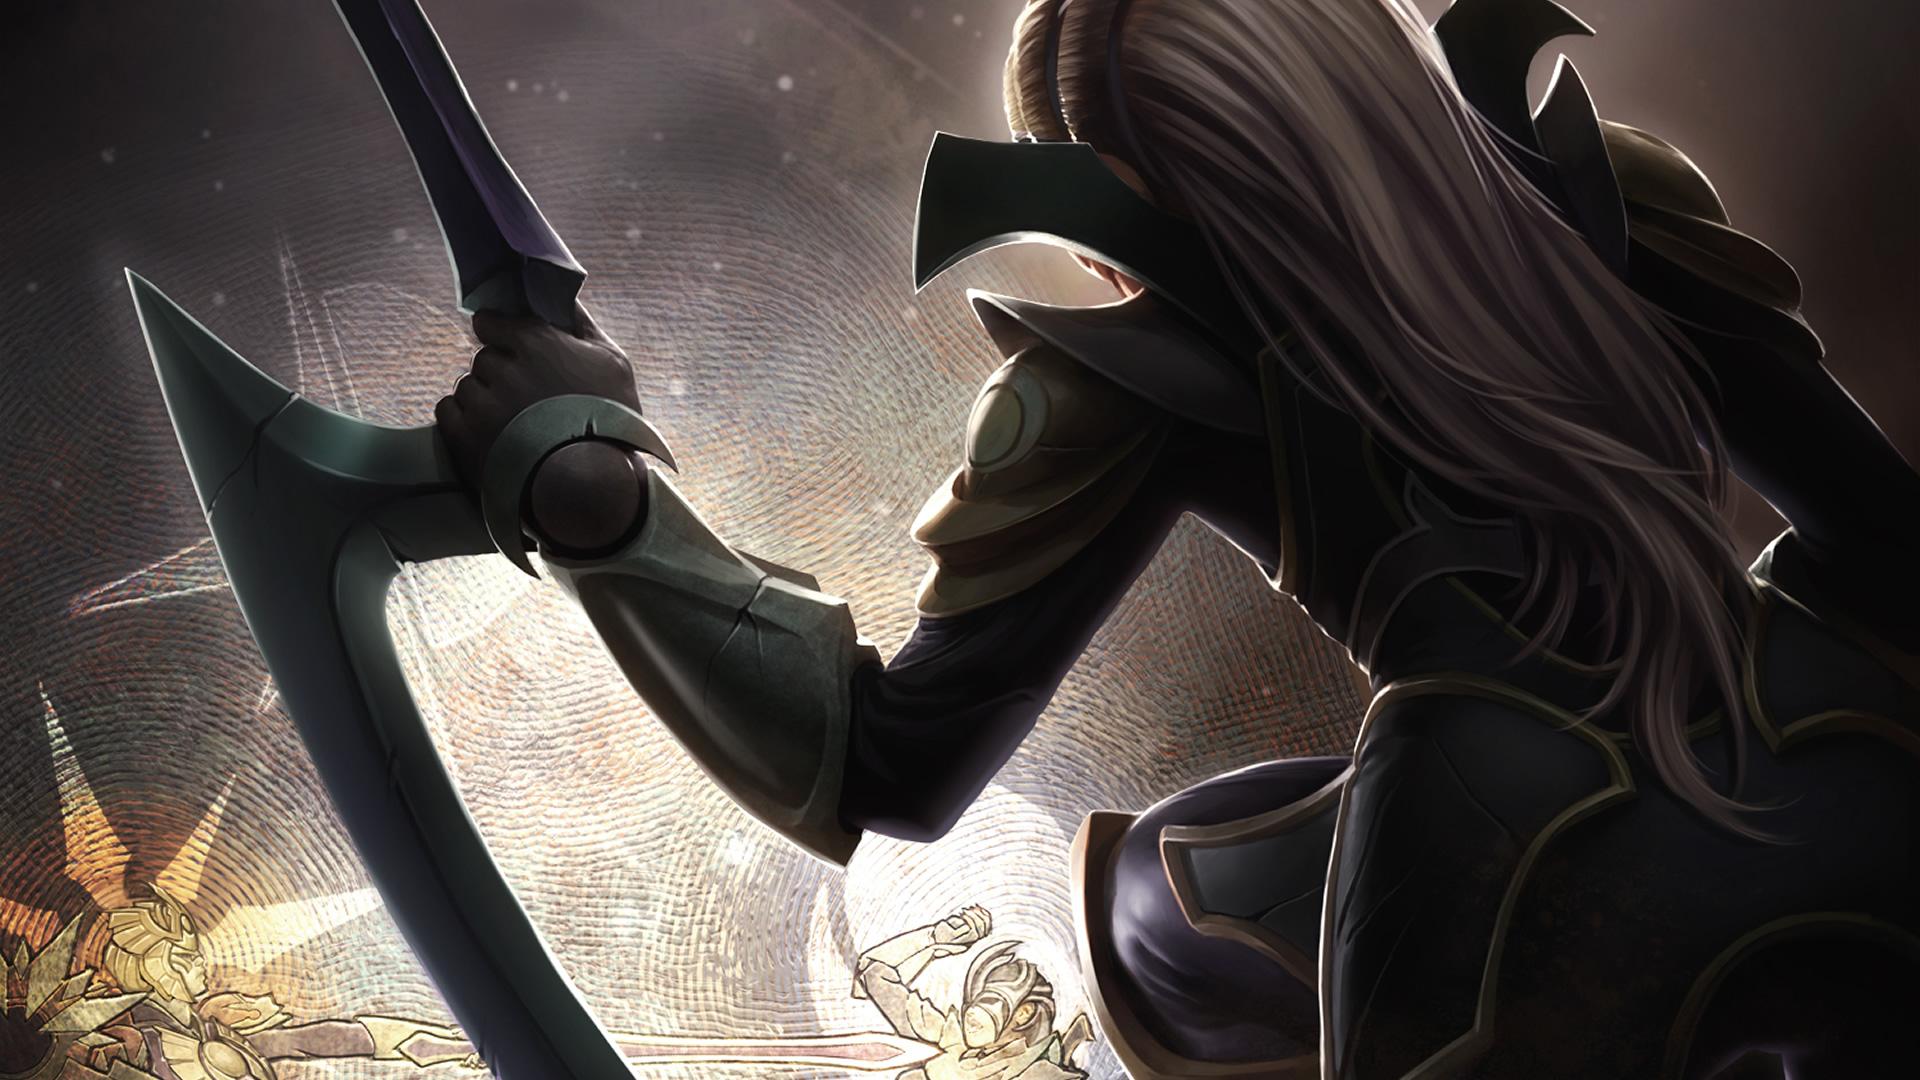 League Of Legends Wallpaper Zerochan Anime Image Board